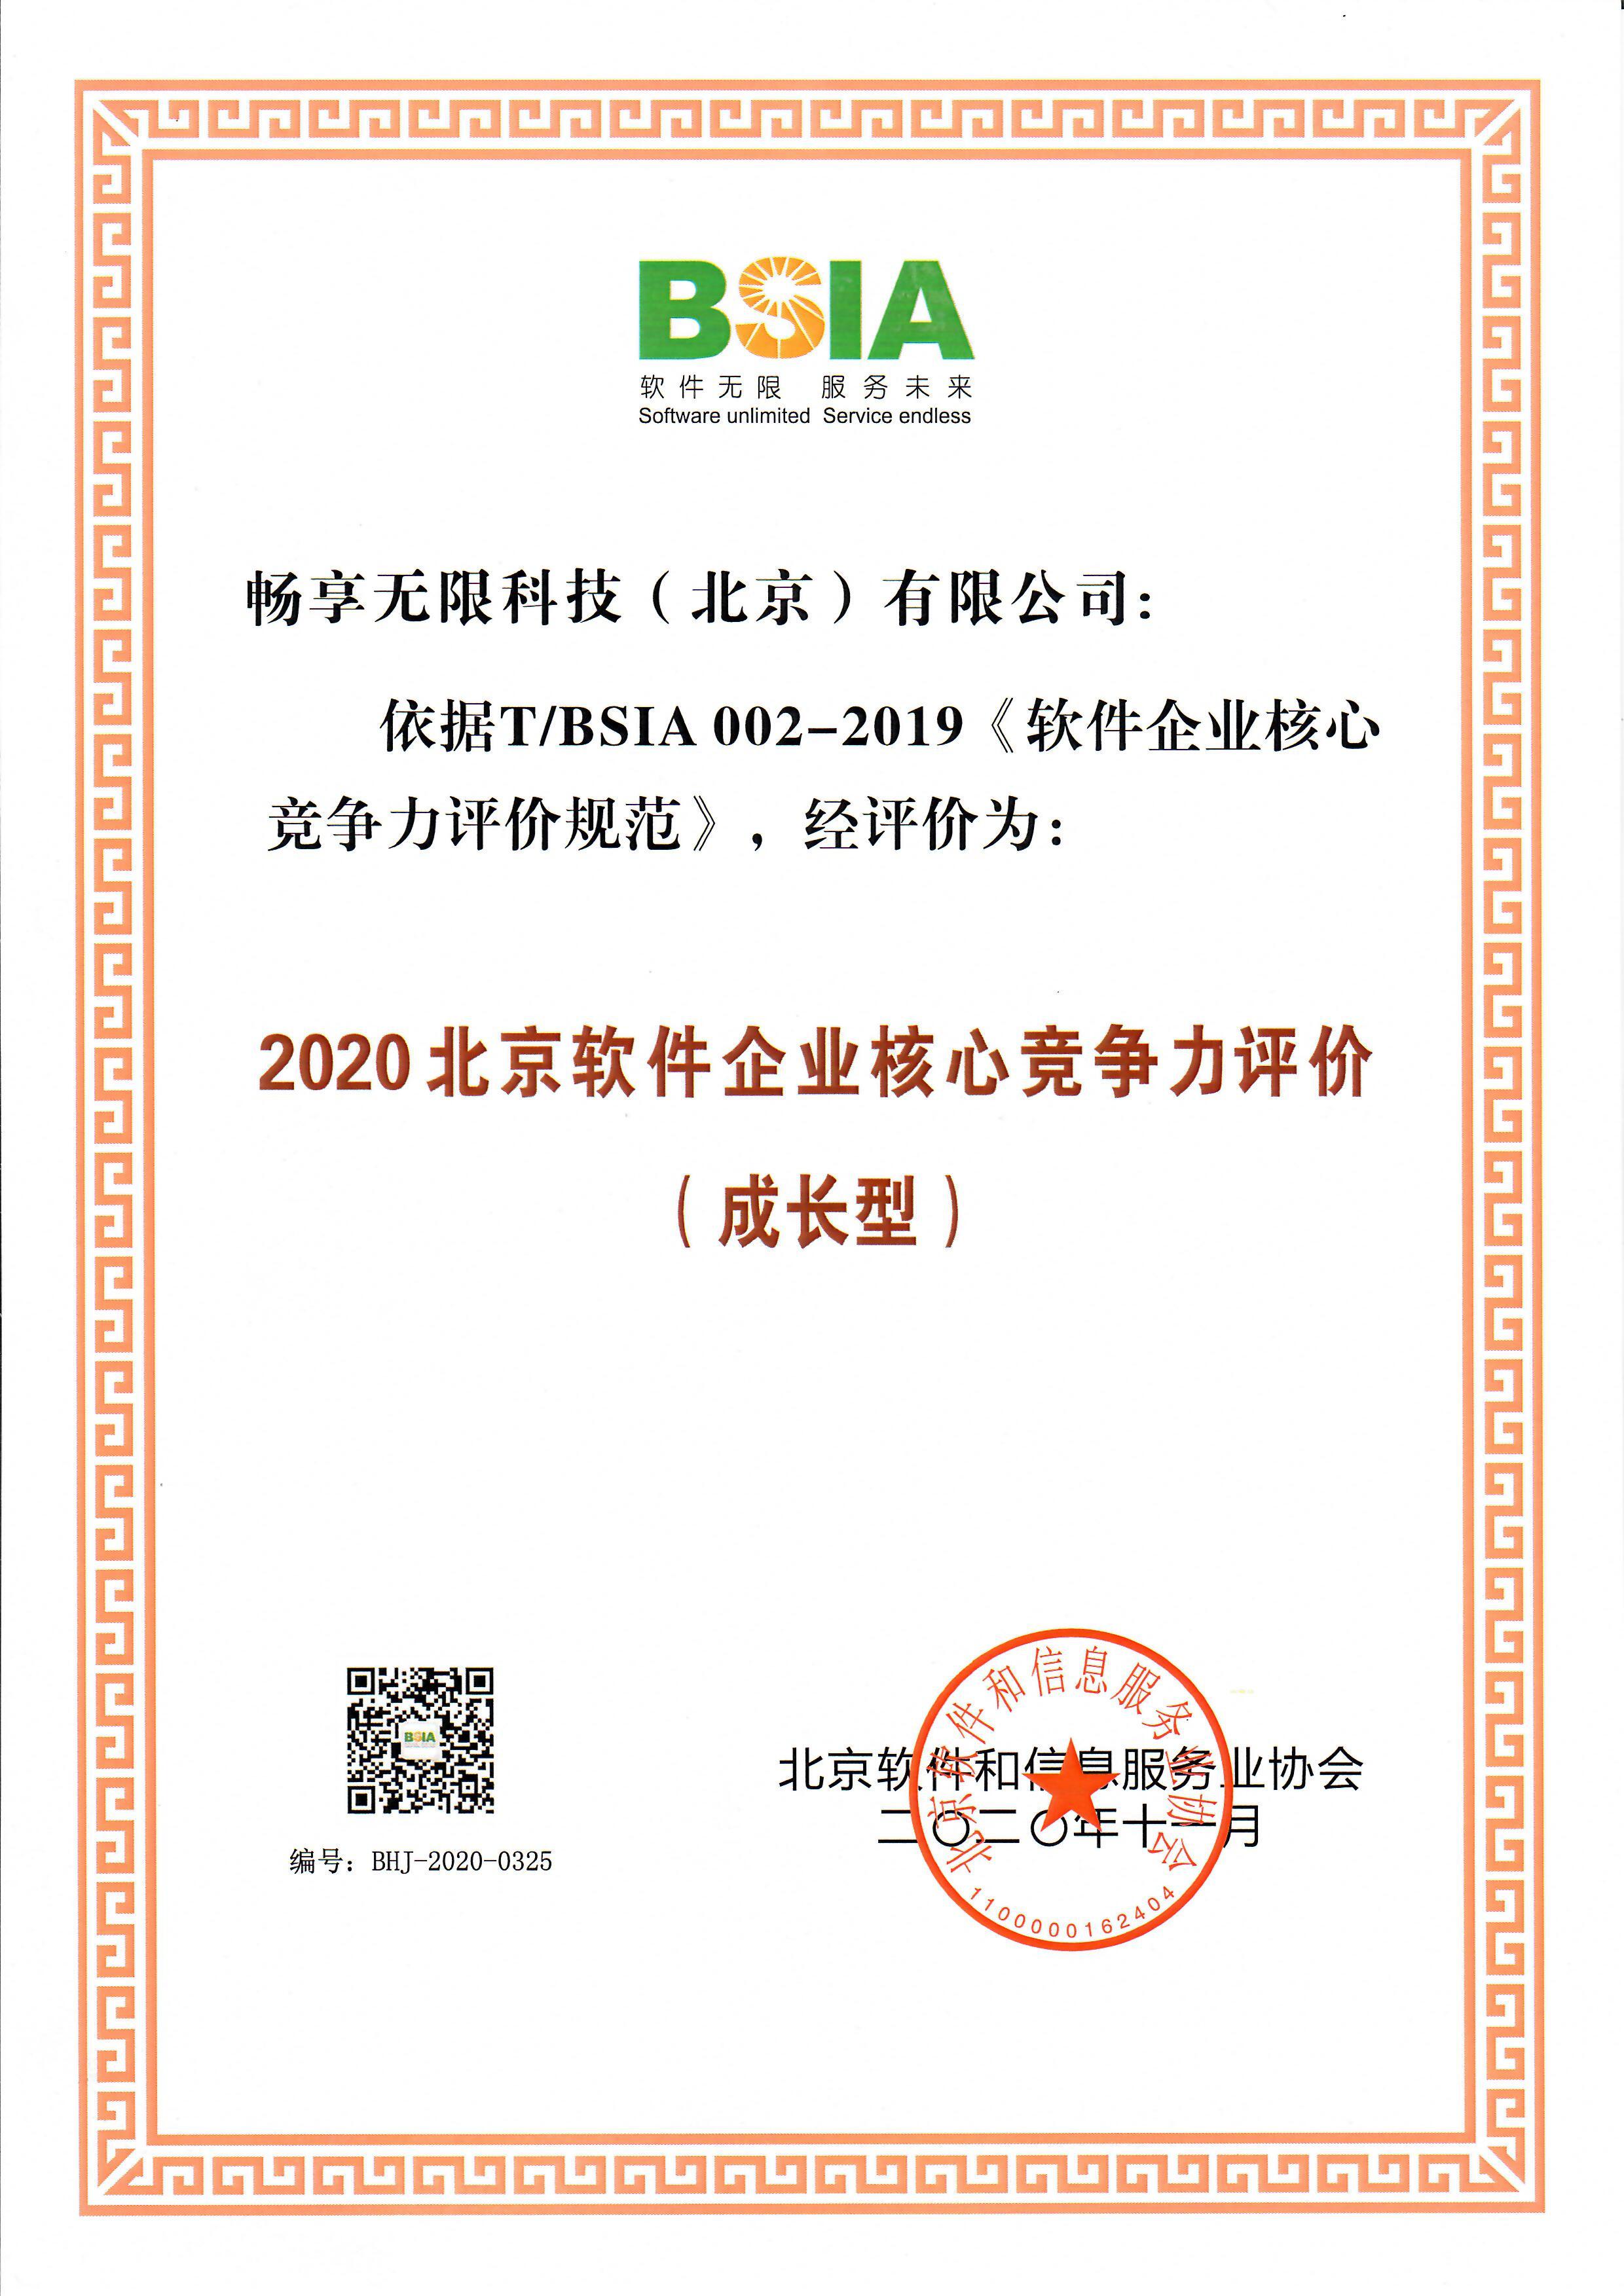 Beijing Software Enterprise Core Competitiveness Growth Enterprise 2020